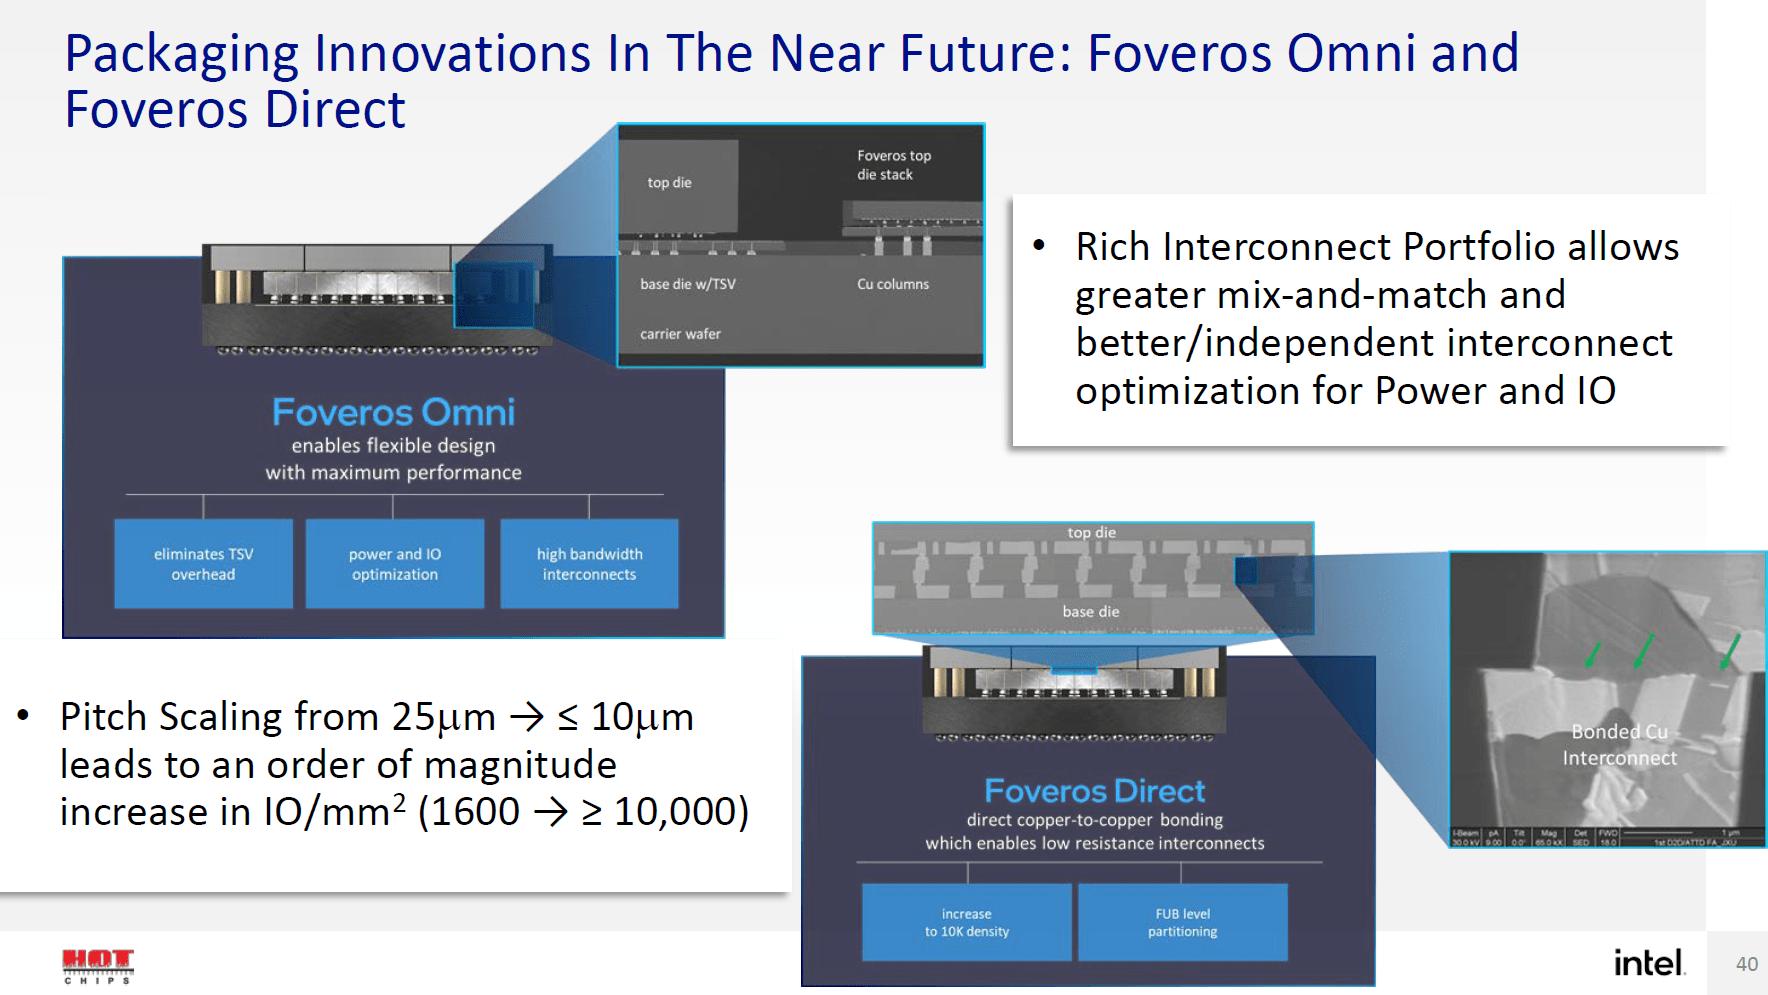 Intel Foveros de próxima generación